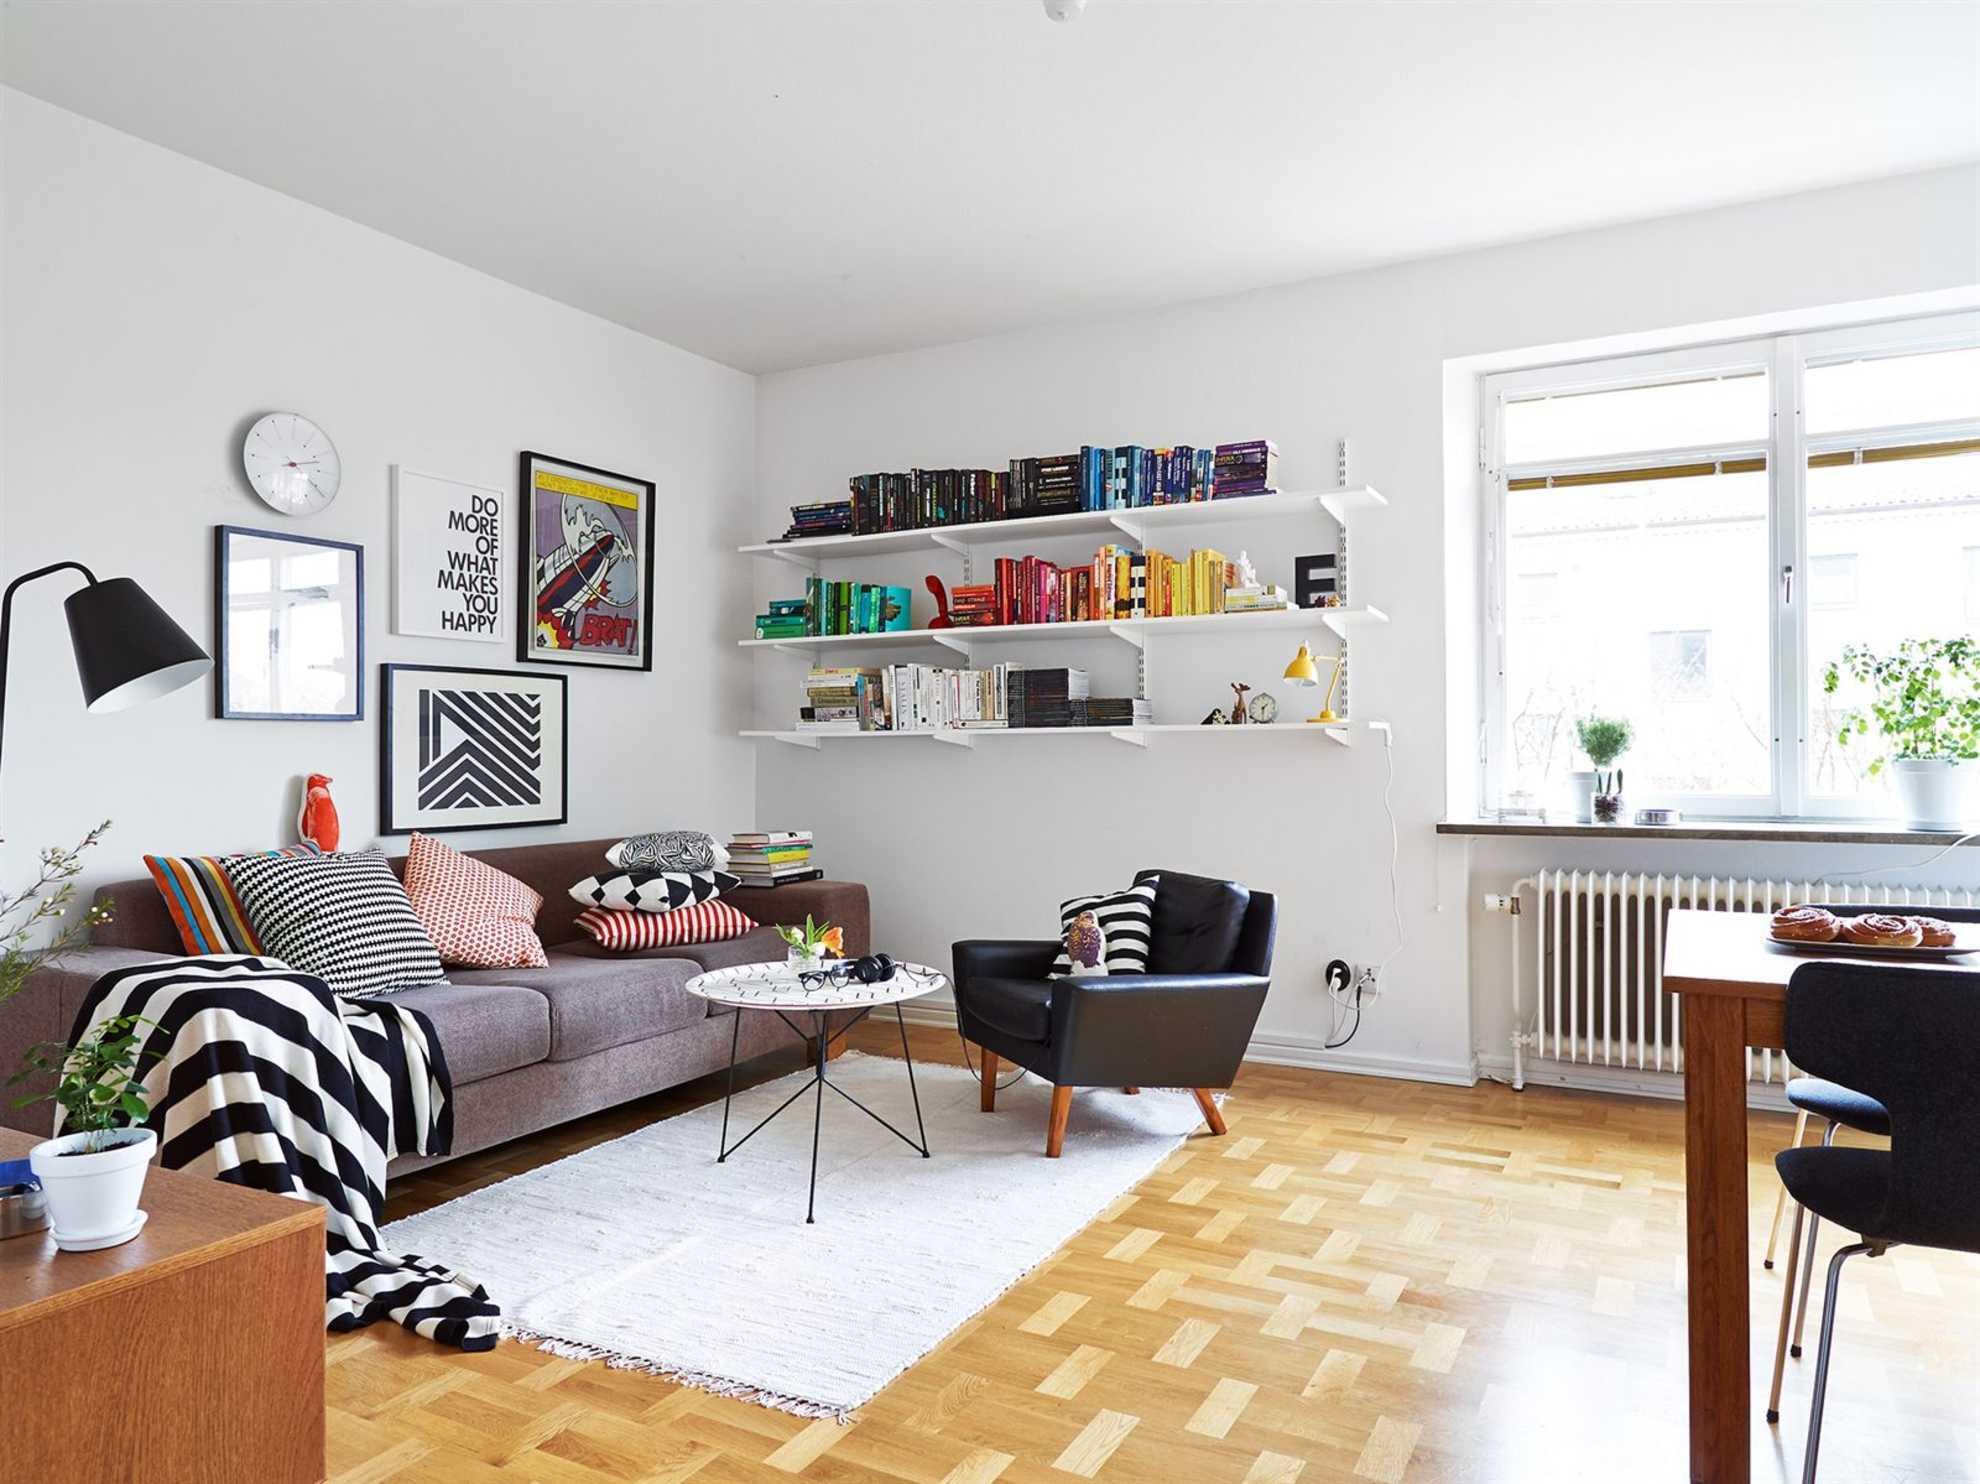 Warna putih dengan aksen warna cerah dalam desain interior gaya Scandinavian (Sumber: decordots.com)